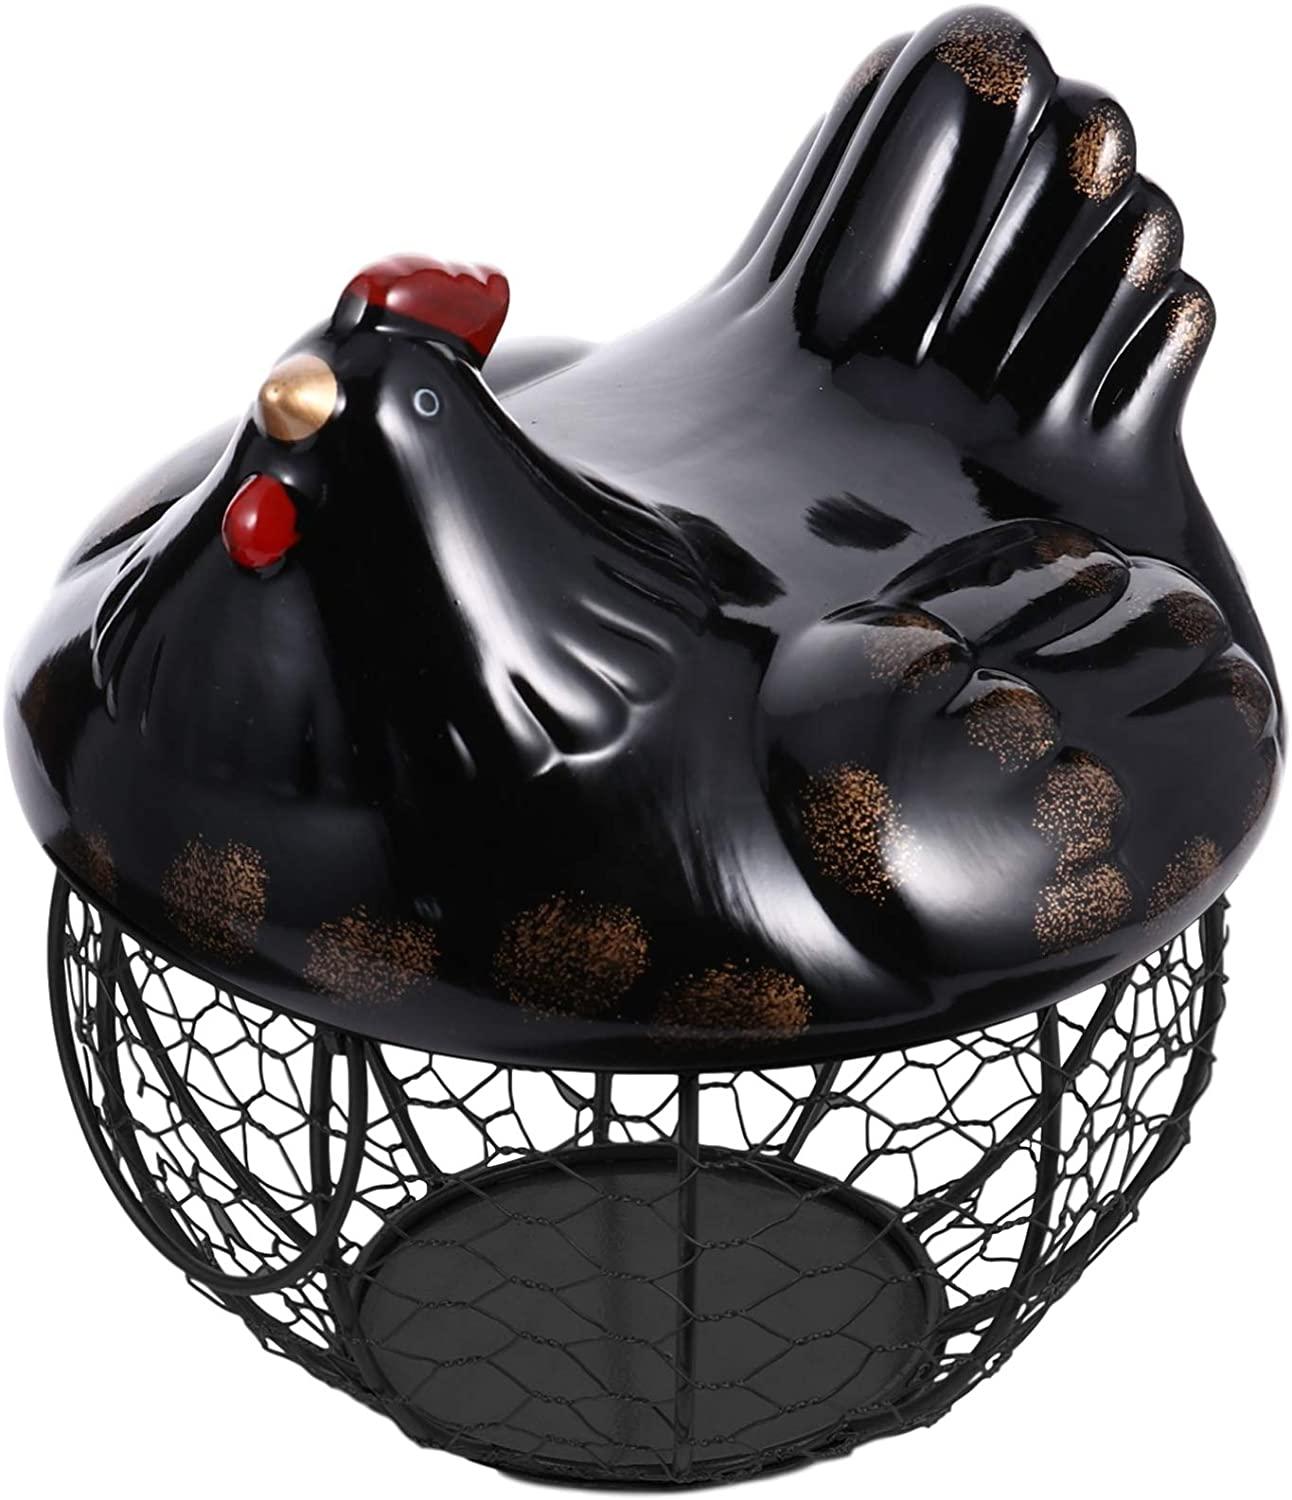 VOSAREA Ceramic Egg Basket Metal Mesh Wire Egg Storage Basket Egg Fruit Snacks Holder Kitchen Decoration with Lid(Black)